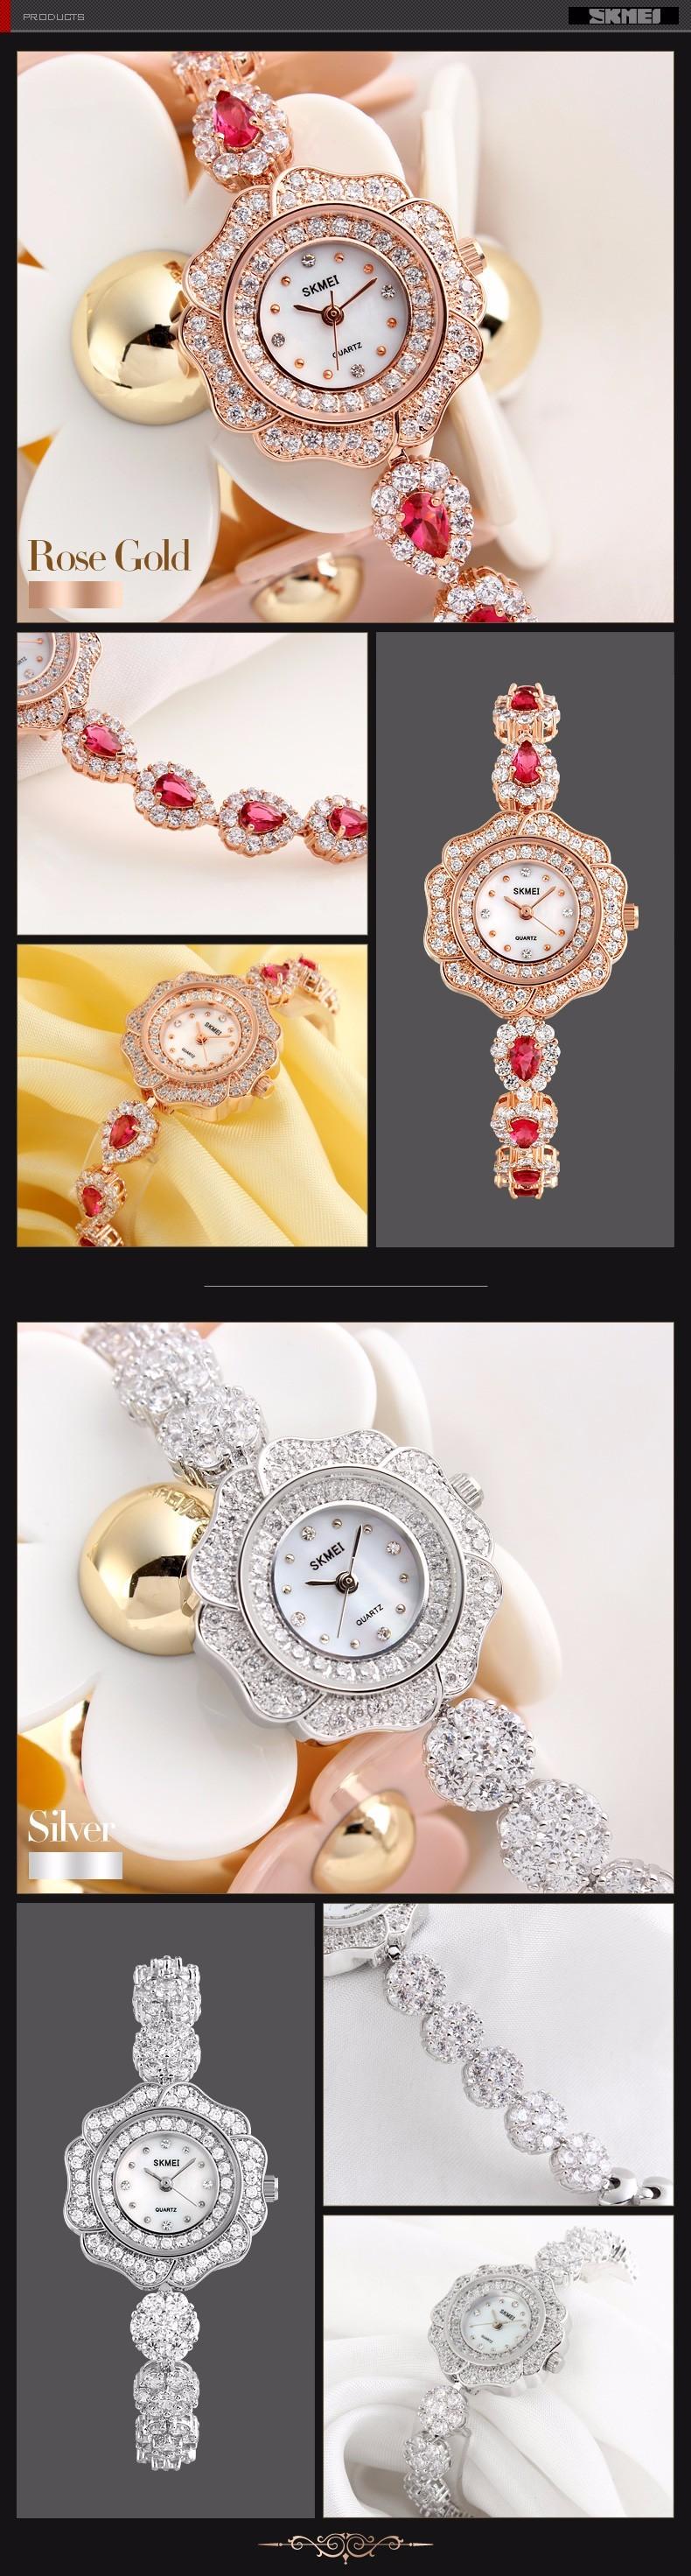 2016 Мода Кварцевые Часы Женщины Наручные Часы Дамы Наручные часы Женский Часы Кварцевые часы Relogio Feminino Montre Femme SKMEI